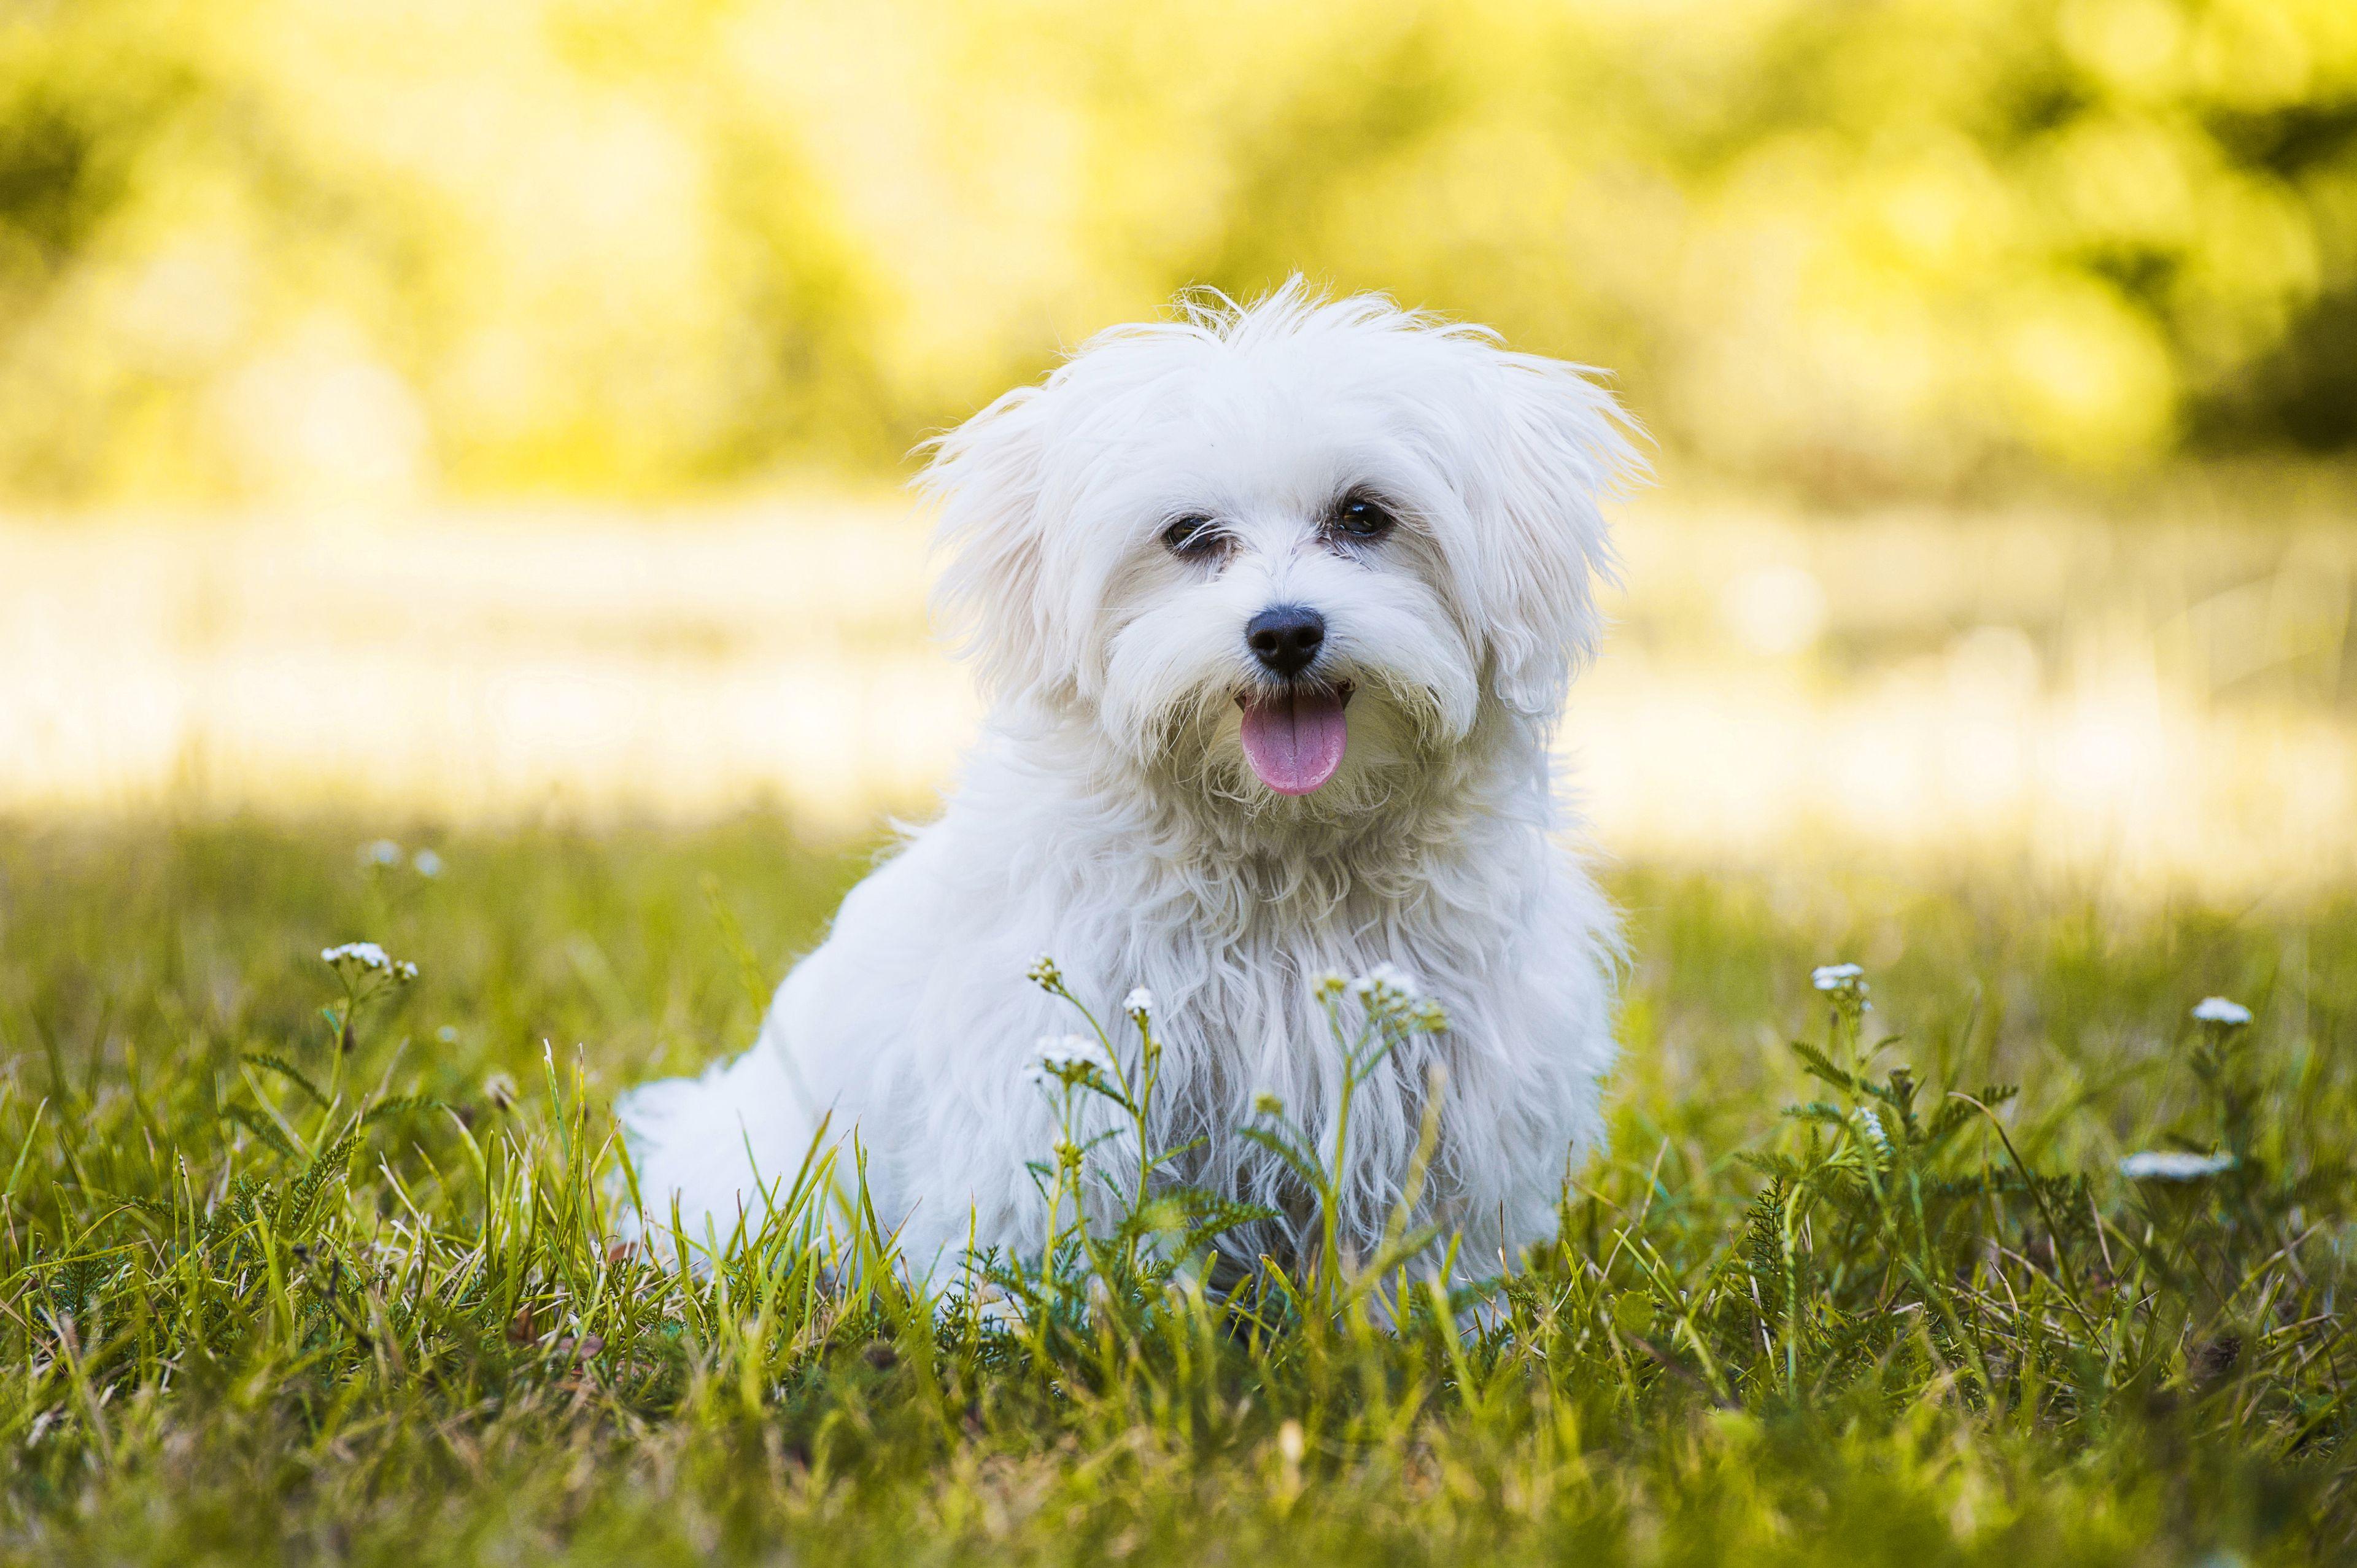 cane maltese in giardino